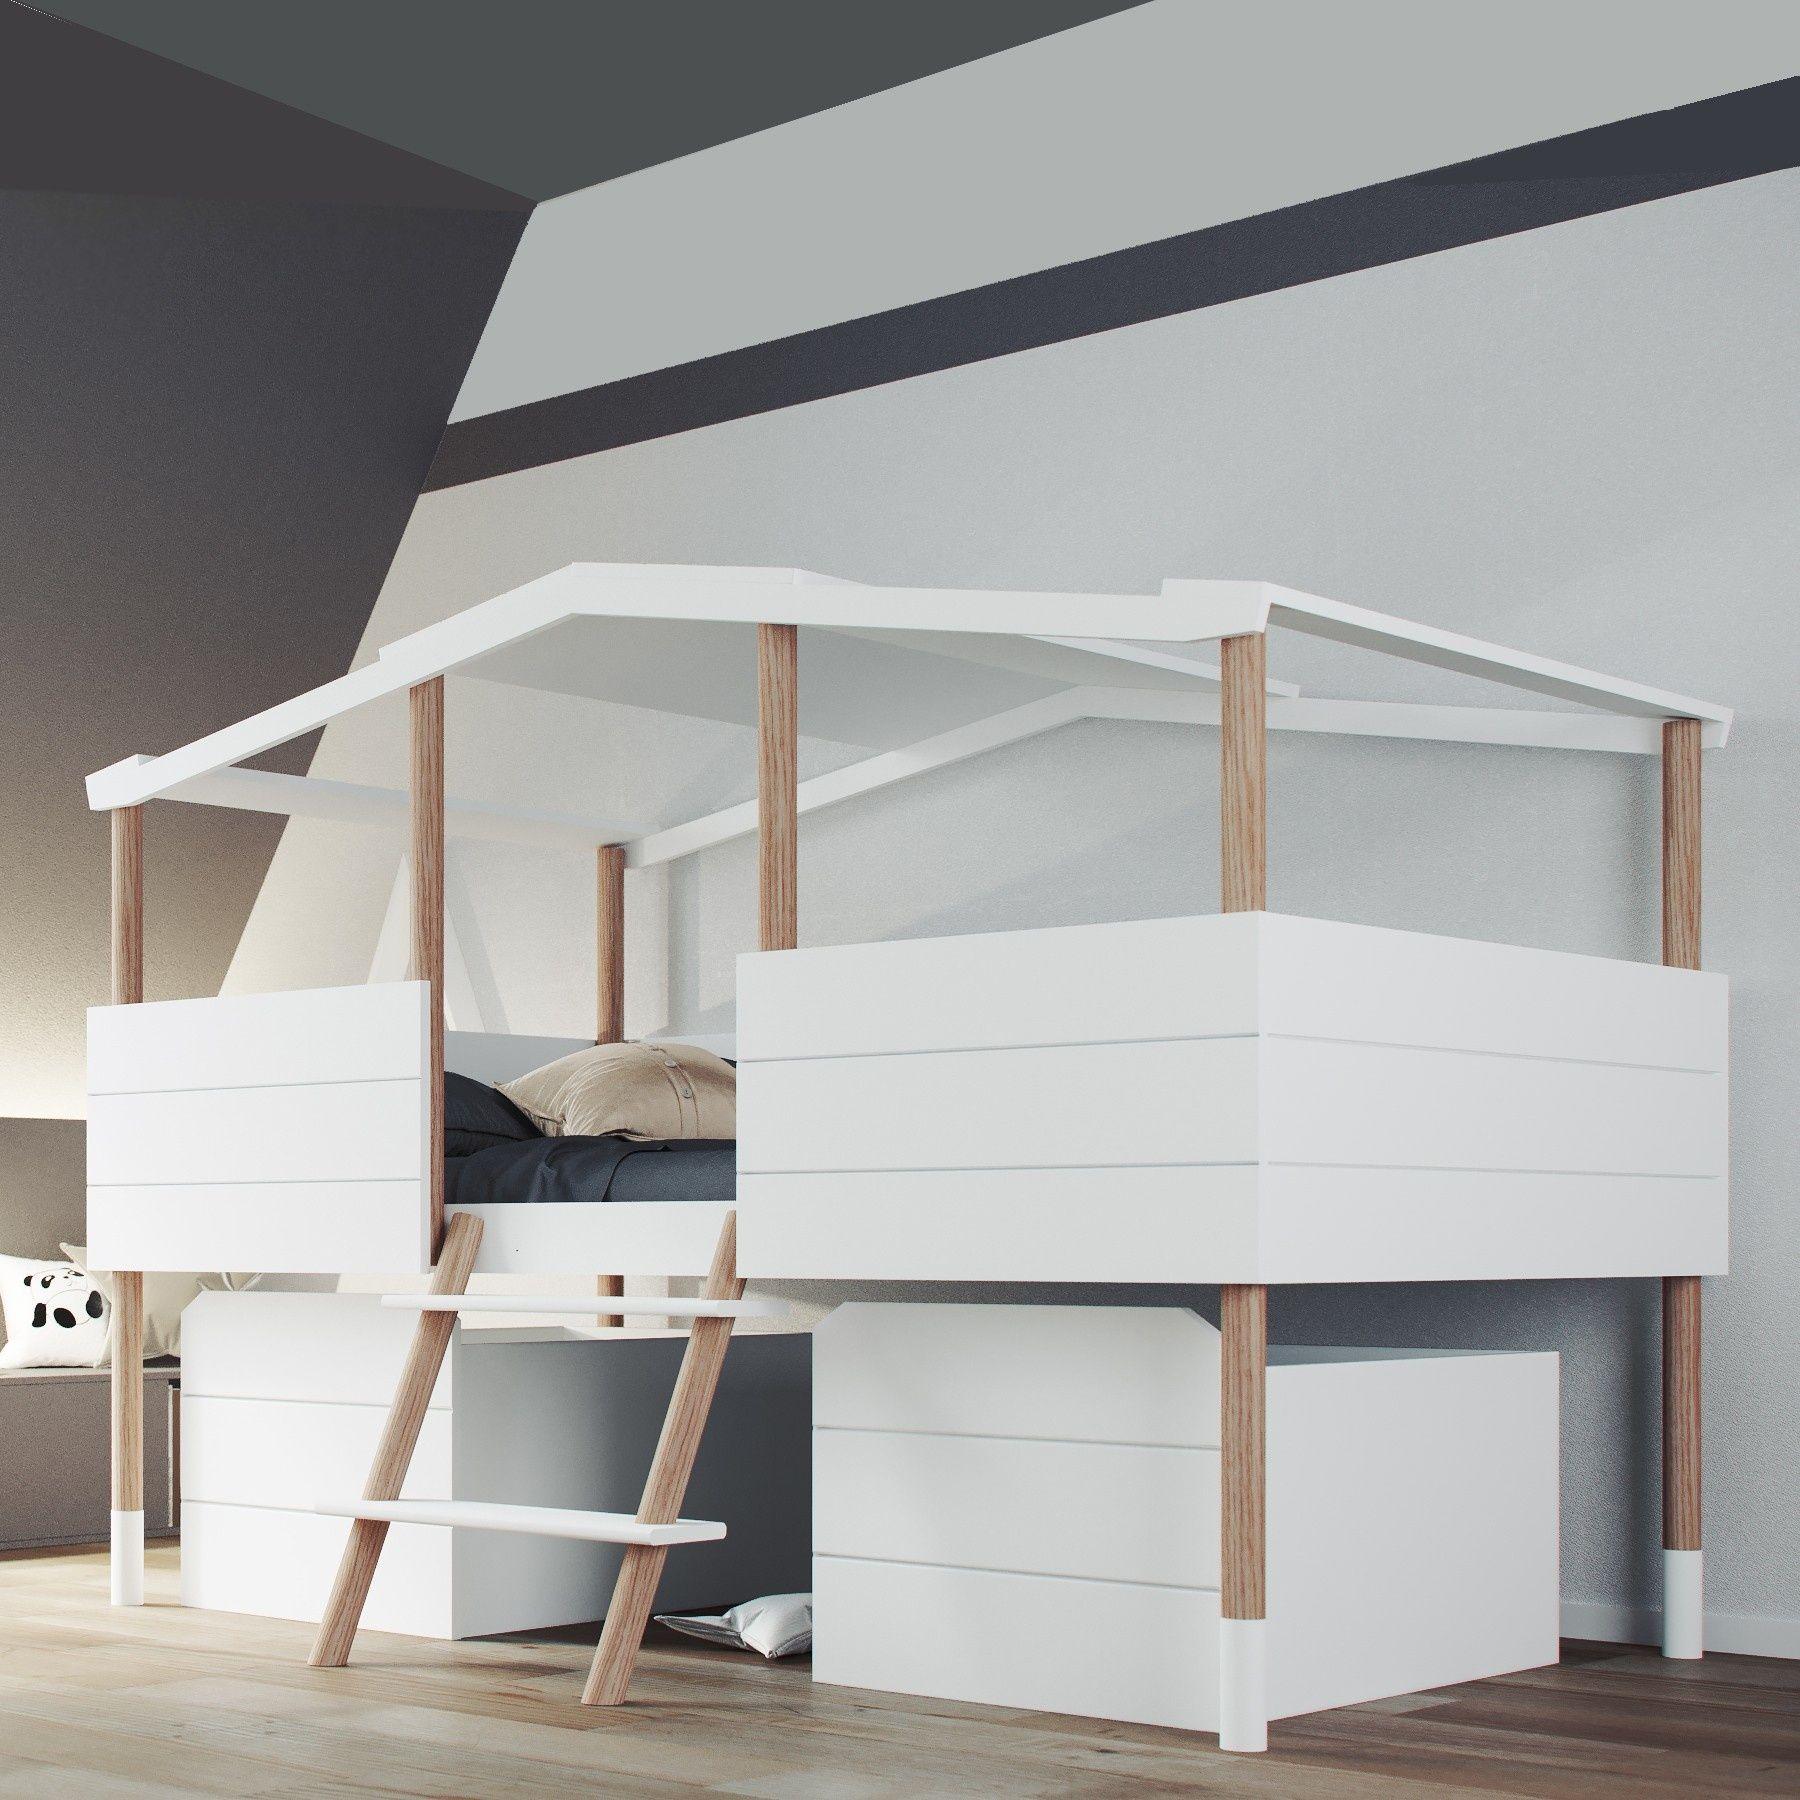 Wallenfels Kinderbett Haus Halbhohes Kinderbett Kinderschlafzimmer